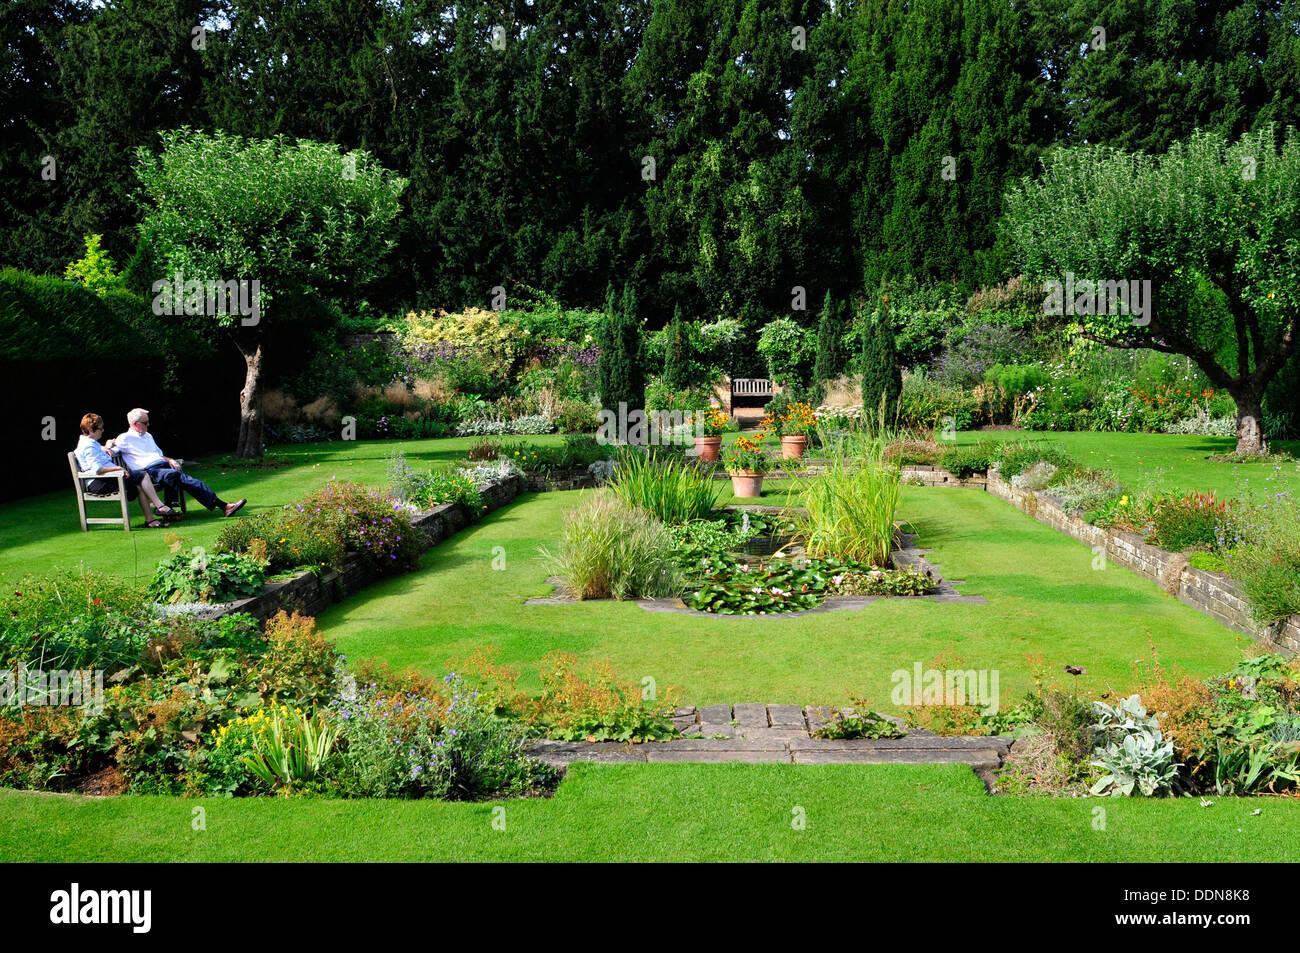 A couple sitting on a bench, Fellows Garden, Cambridge University, UK - Stock Image